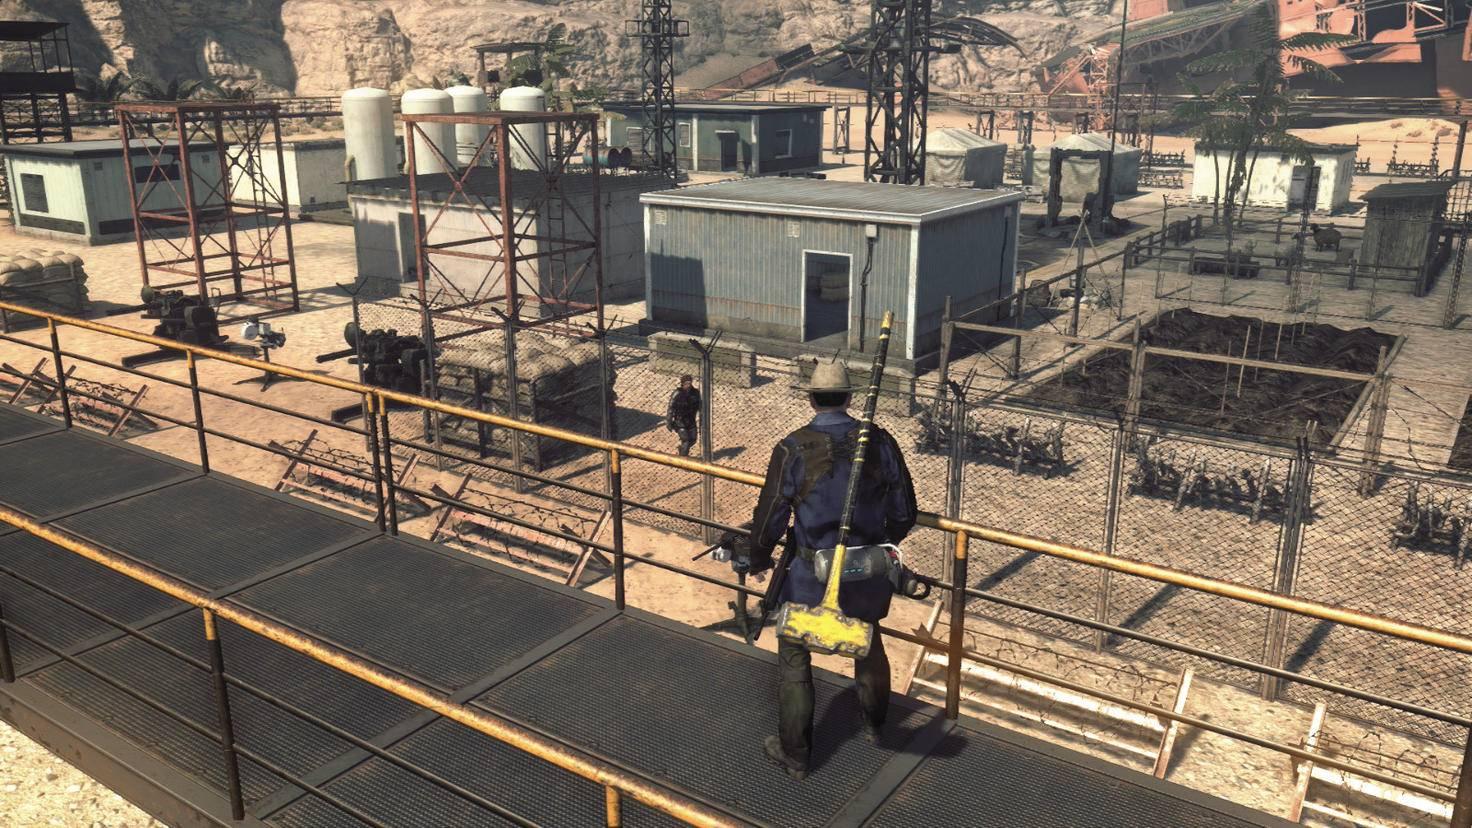 """Der Aufbau einer stabilen Verteidigungs-Basis ist ein Kernelement von """"Metal Gear Survive""""."""